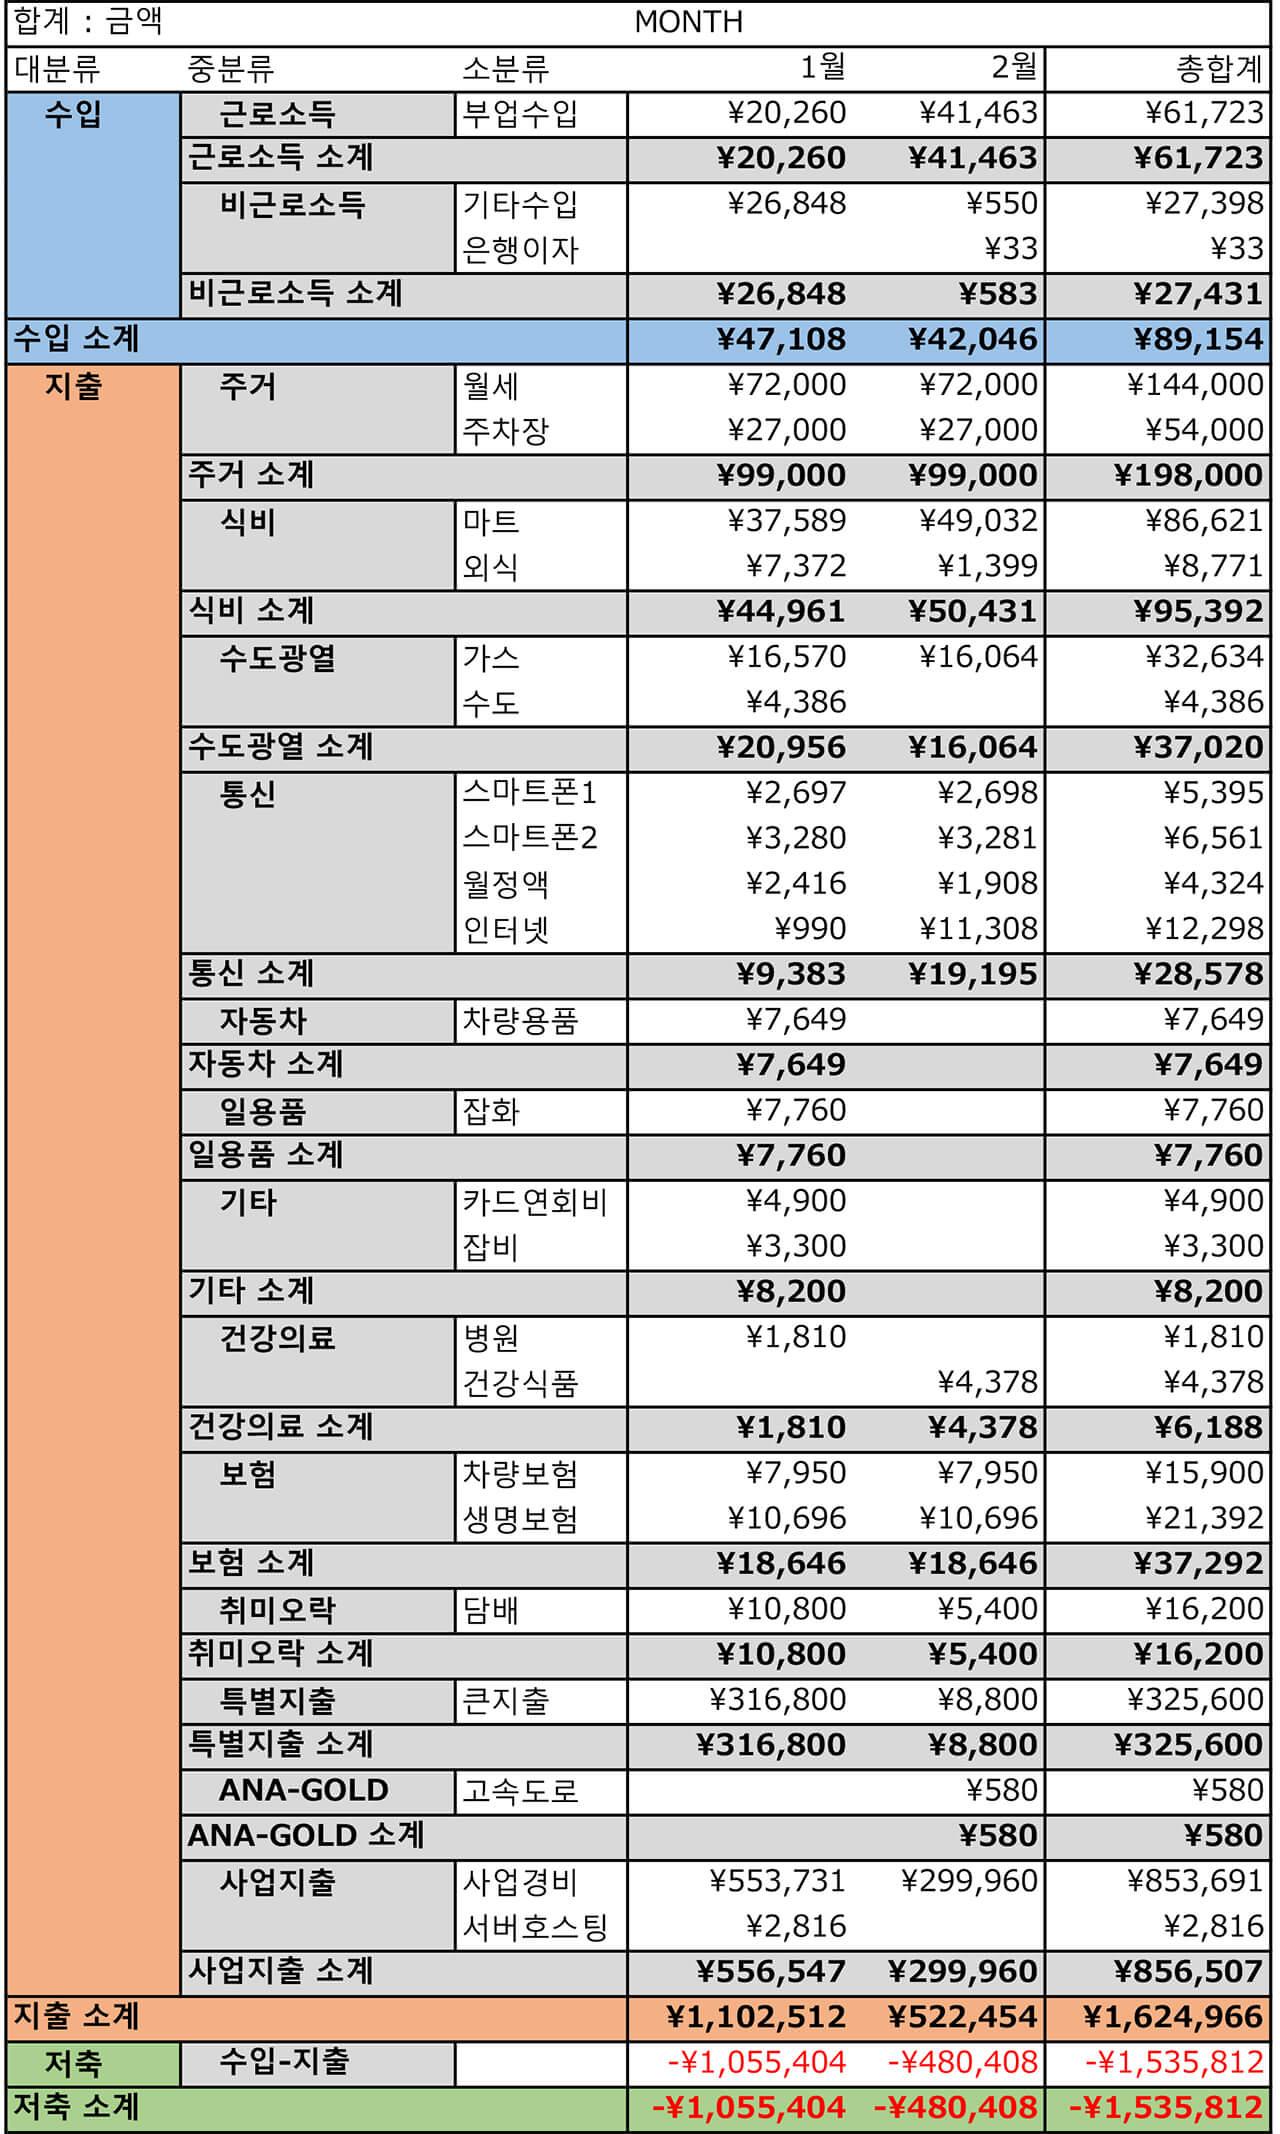 2021년 1월~2월 가계부 연간수지표